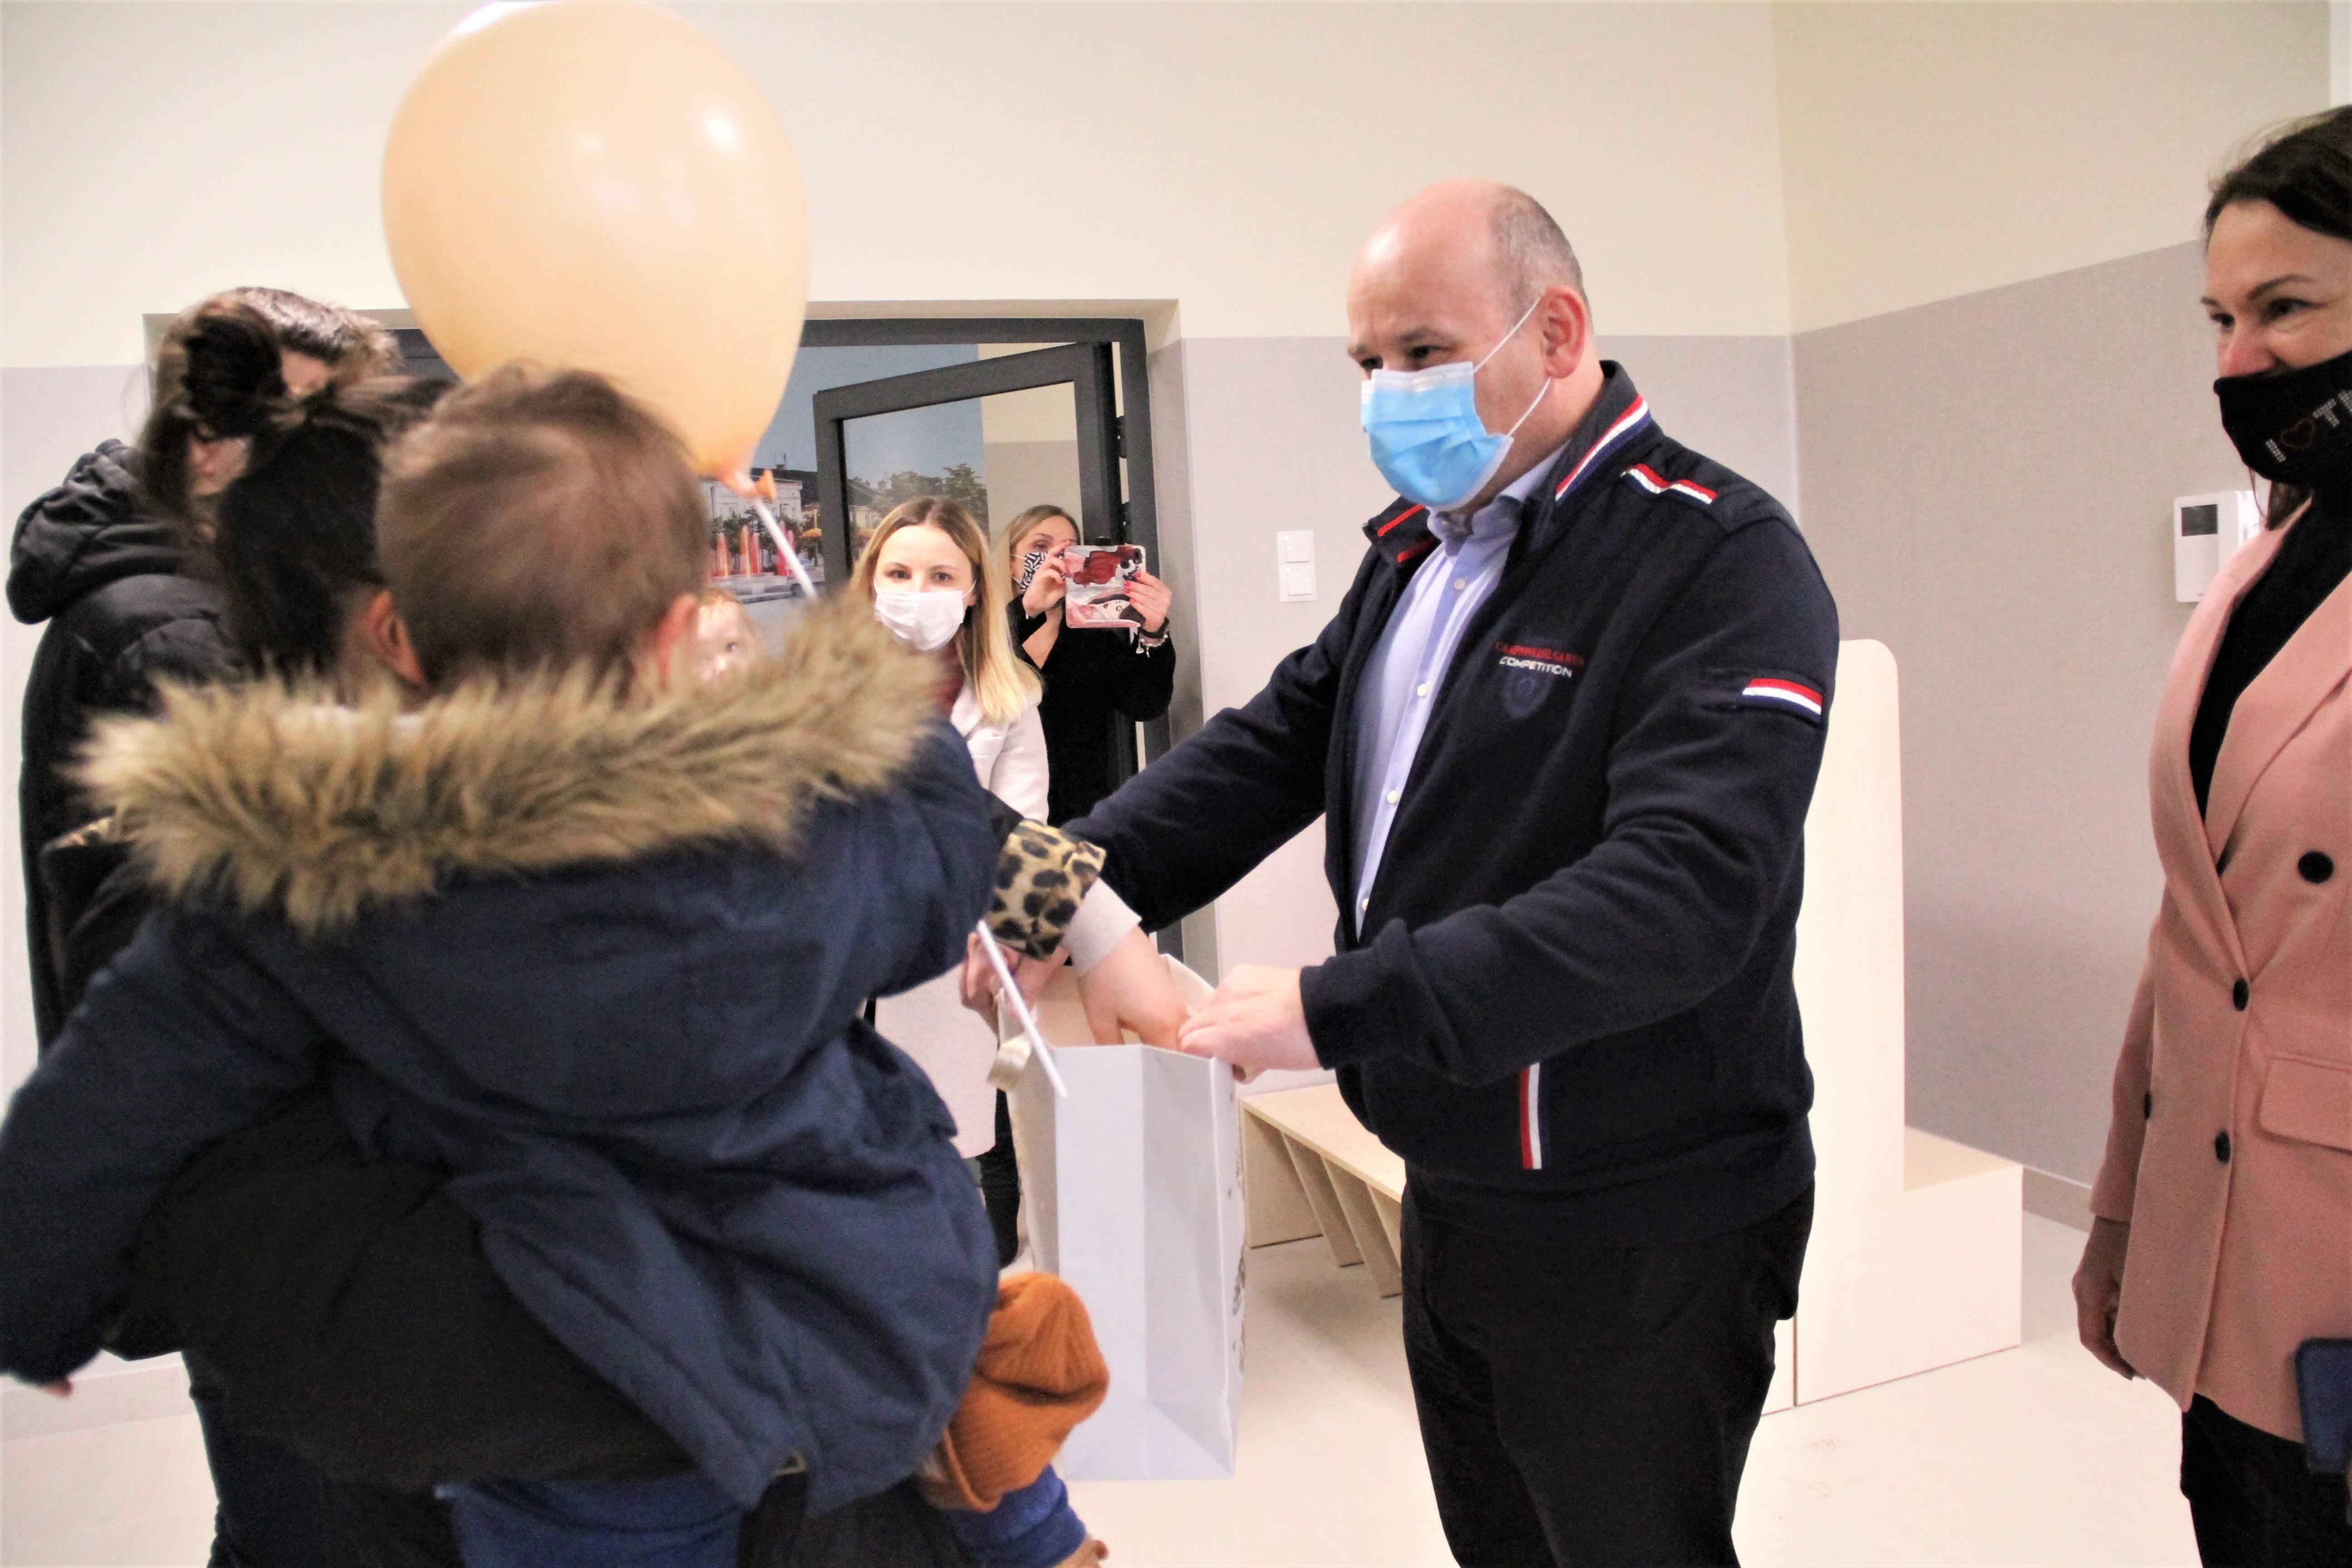 Prezydent Miasta Tomaszowa Mazowieckiego Marcin Witko, rodzice, uczestnicy dnia otwartego w żłobku